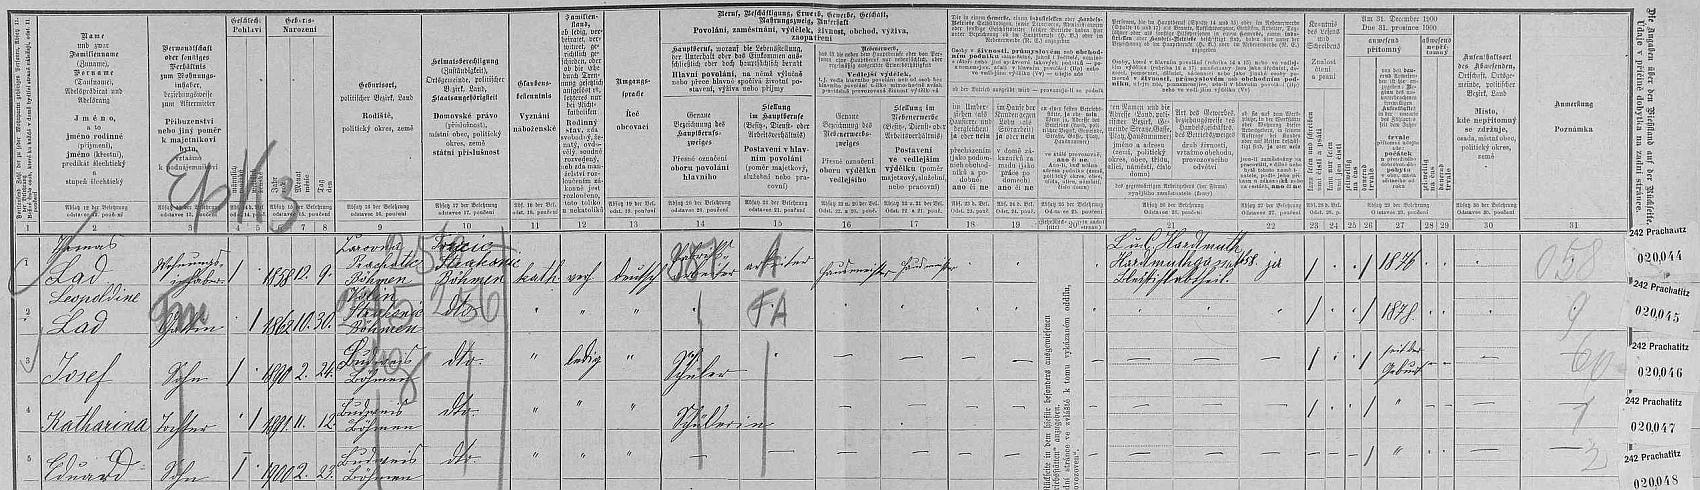 Arch sčítání lidu z roku 1900 pro dům čp. 14 na českobudějovickém hlavním náměstí (Ringplatz) s rodinou Thomase Lada včetně dvou jeho synů Josefa a Eduarda